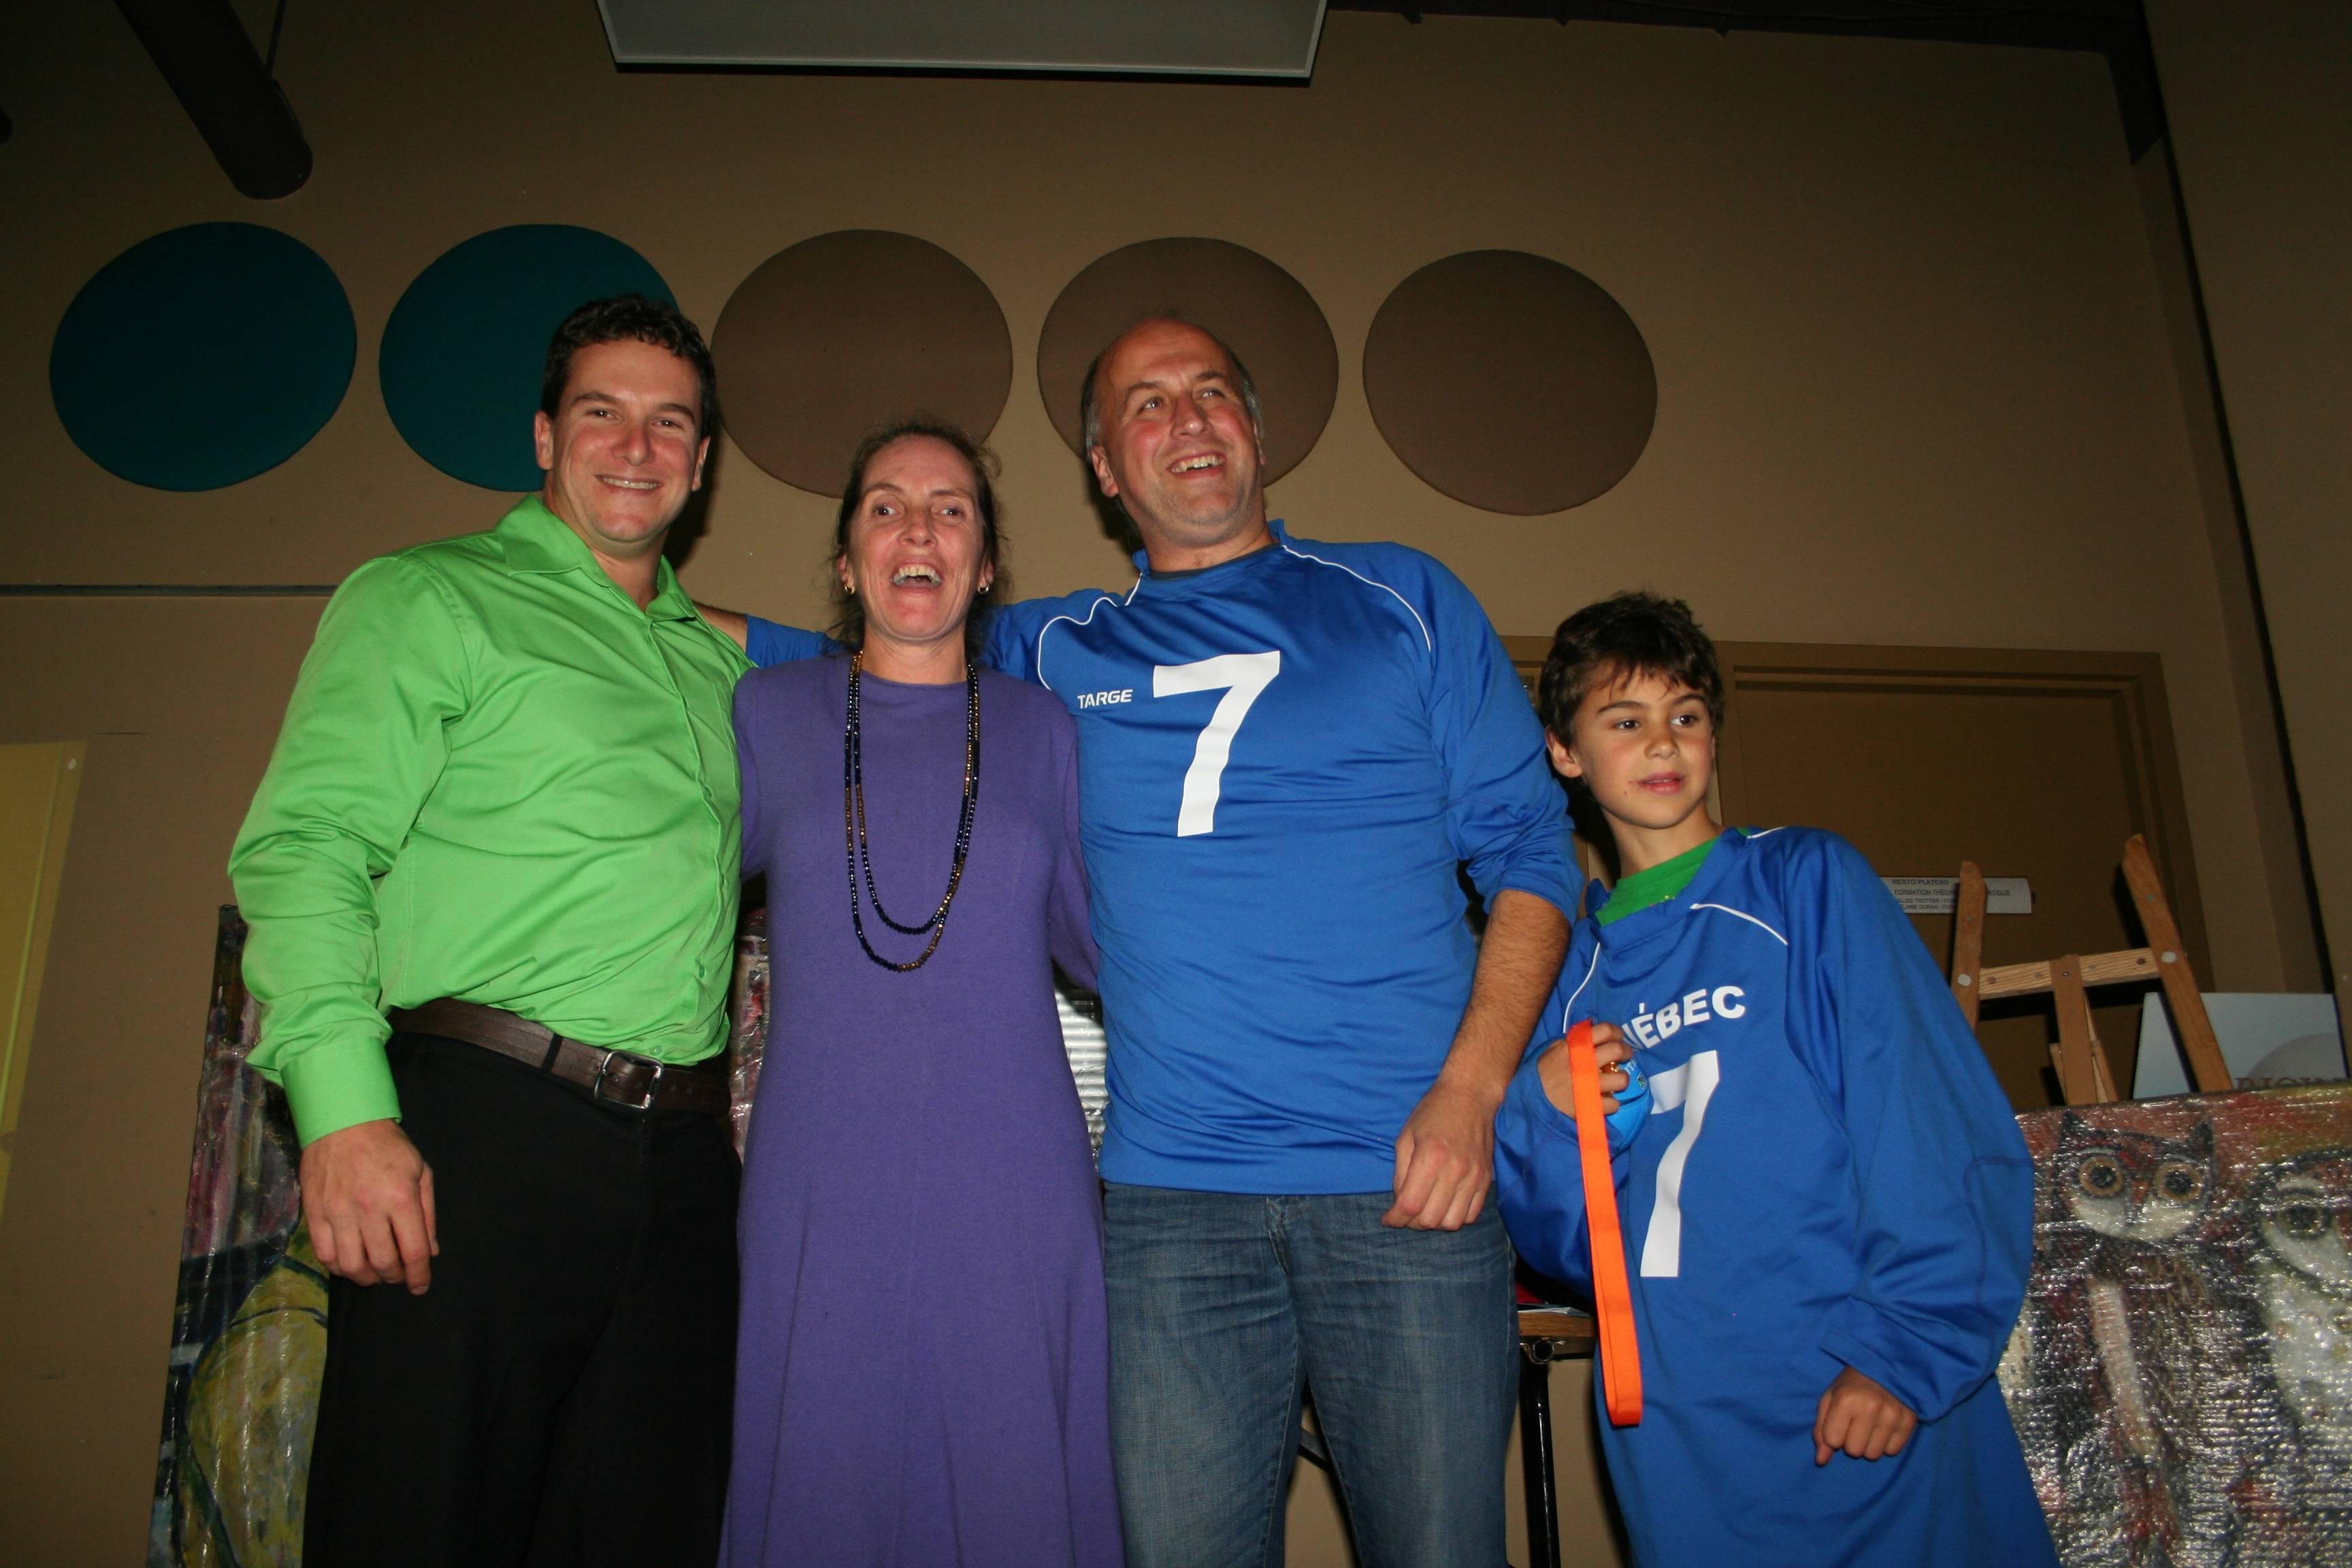 Retrait du chandail #7 de Mario Caron. De gauche a droite: Bruno Haché, Nathalie Chartrand, Mario Caron et son fils.